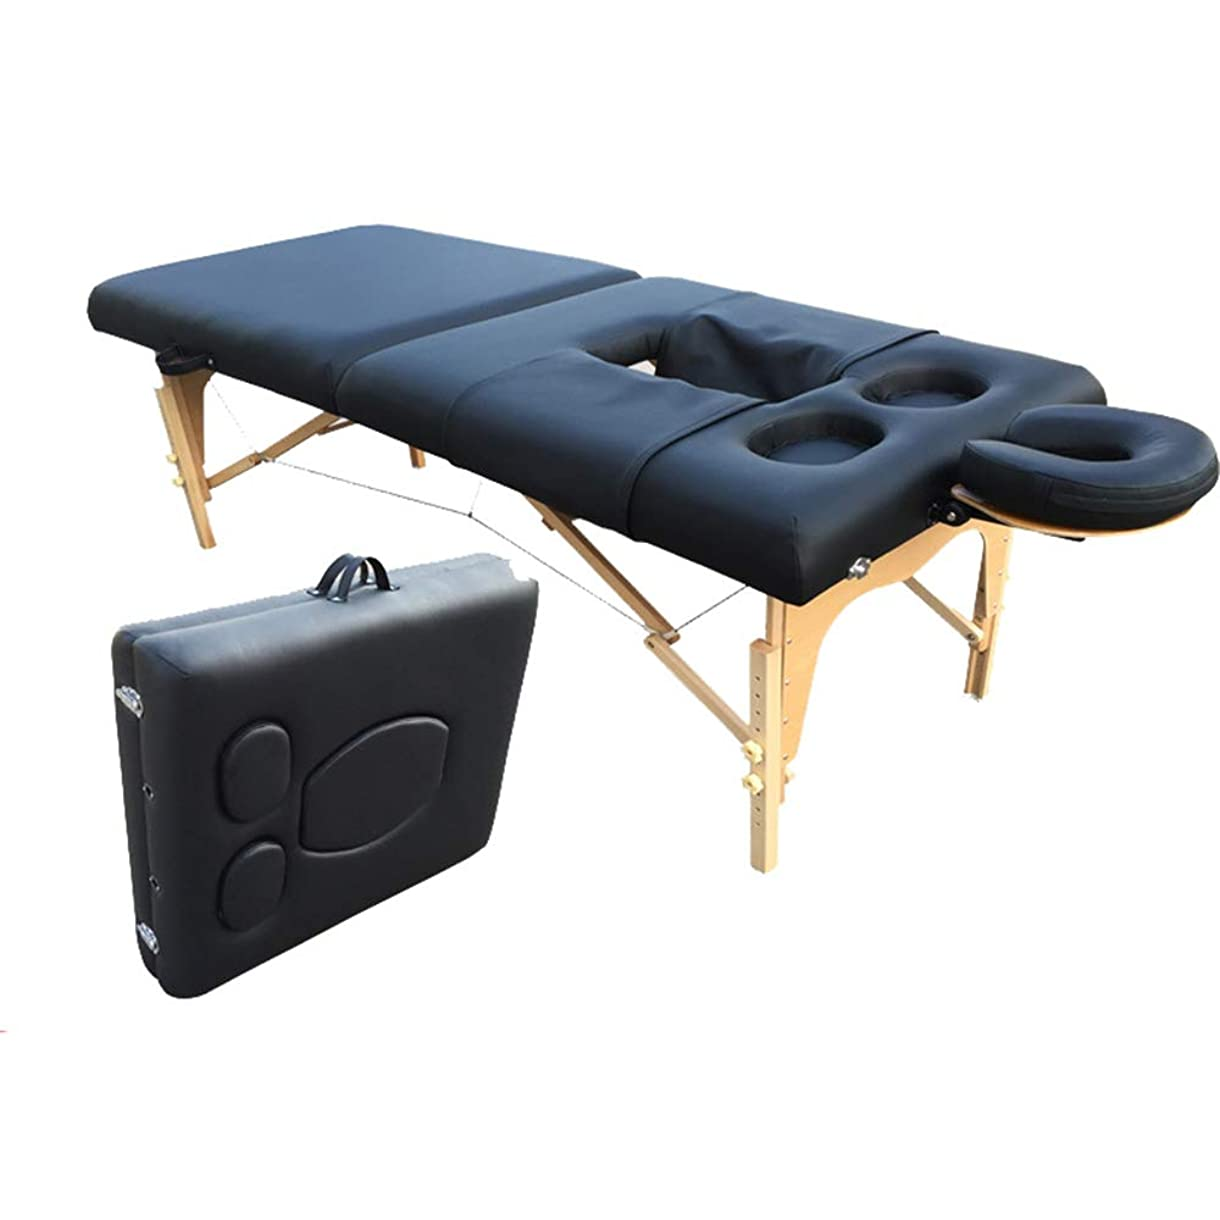 教授残忍な雲品質ポータブルマッサージテーブル&調節可能な胸の穴を持つ折りたたみマッサージベッド、ソファービューティー表ビューティーサロンソファーベッド快適な